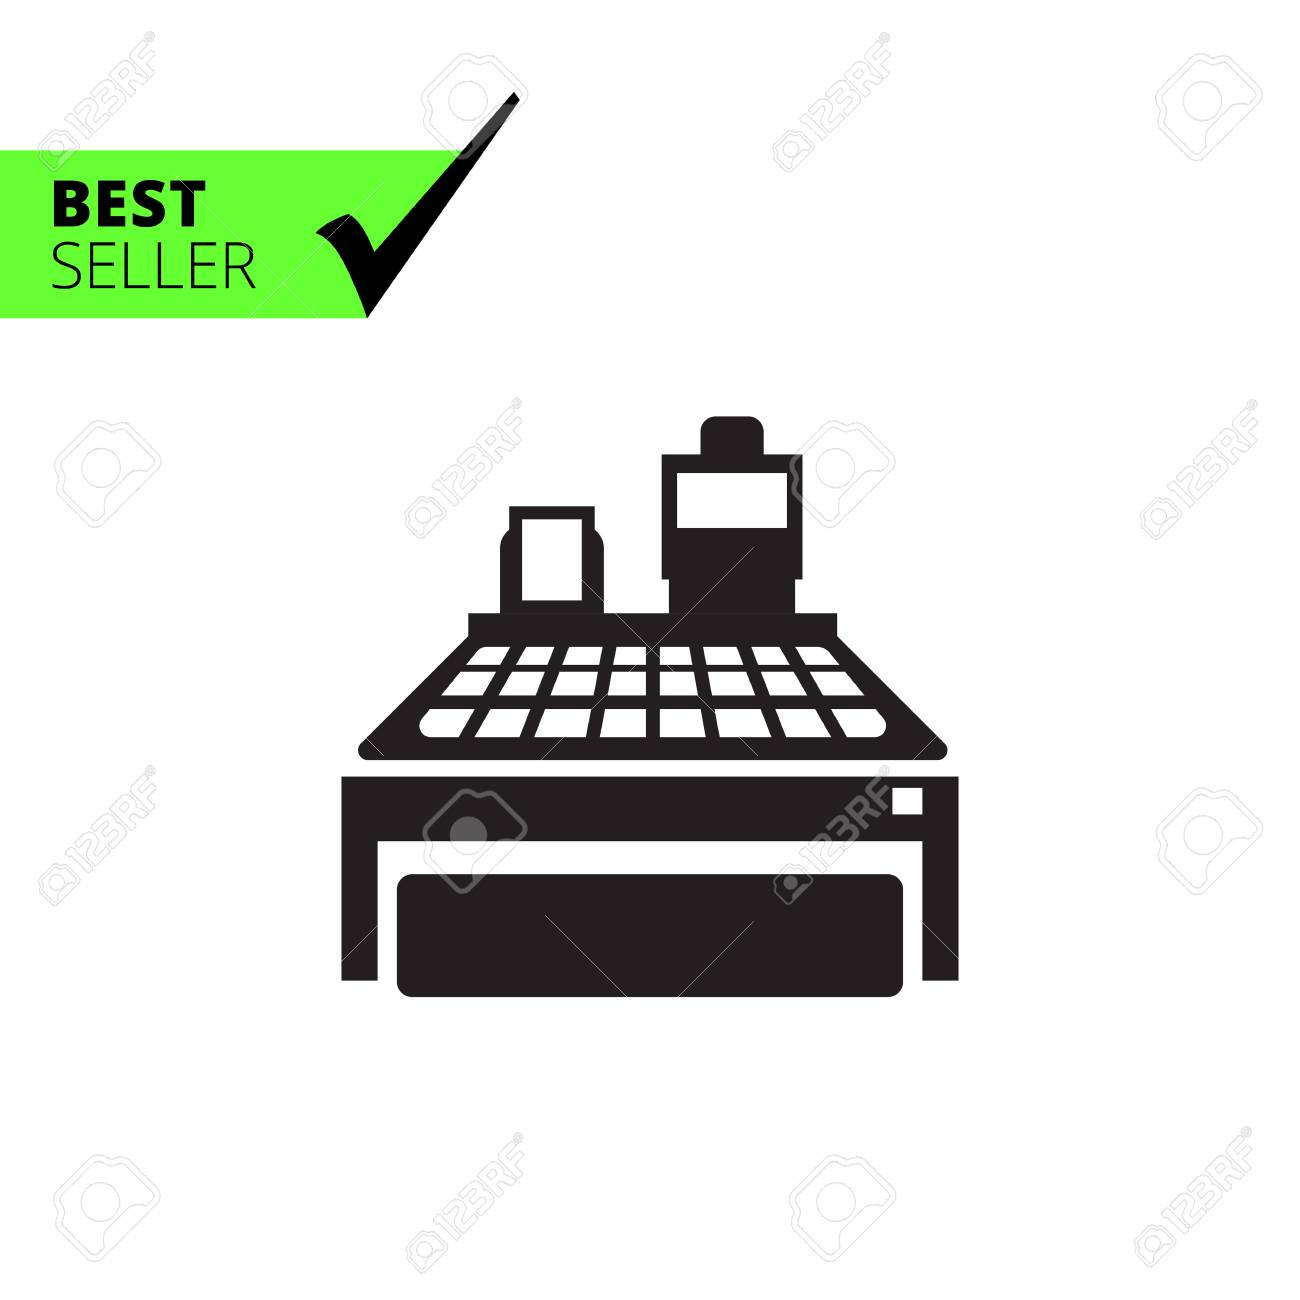 Cash register icon - 54082946